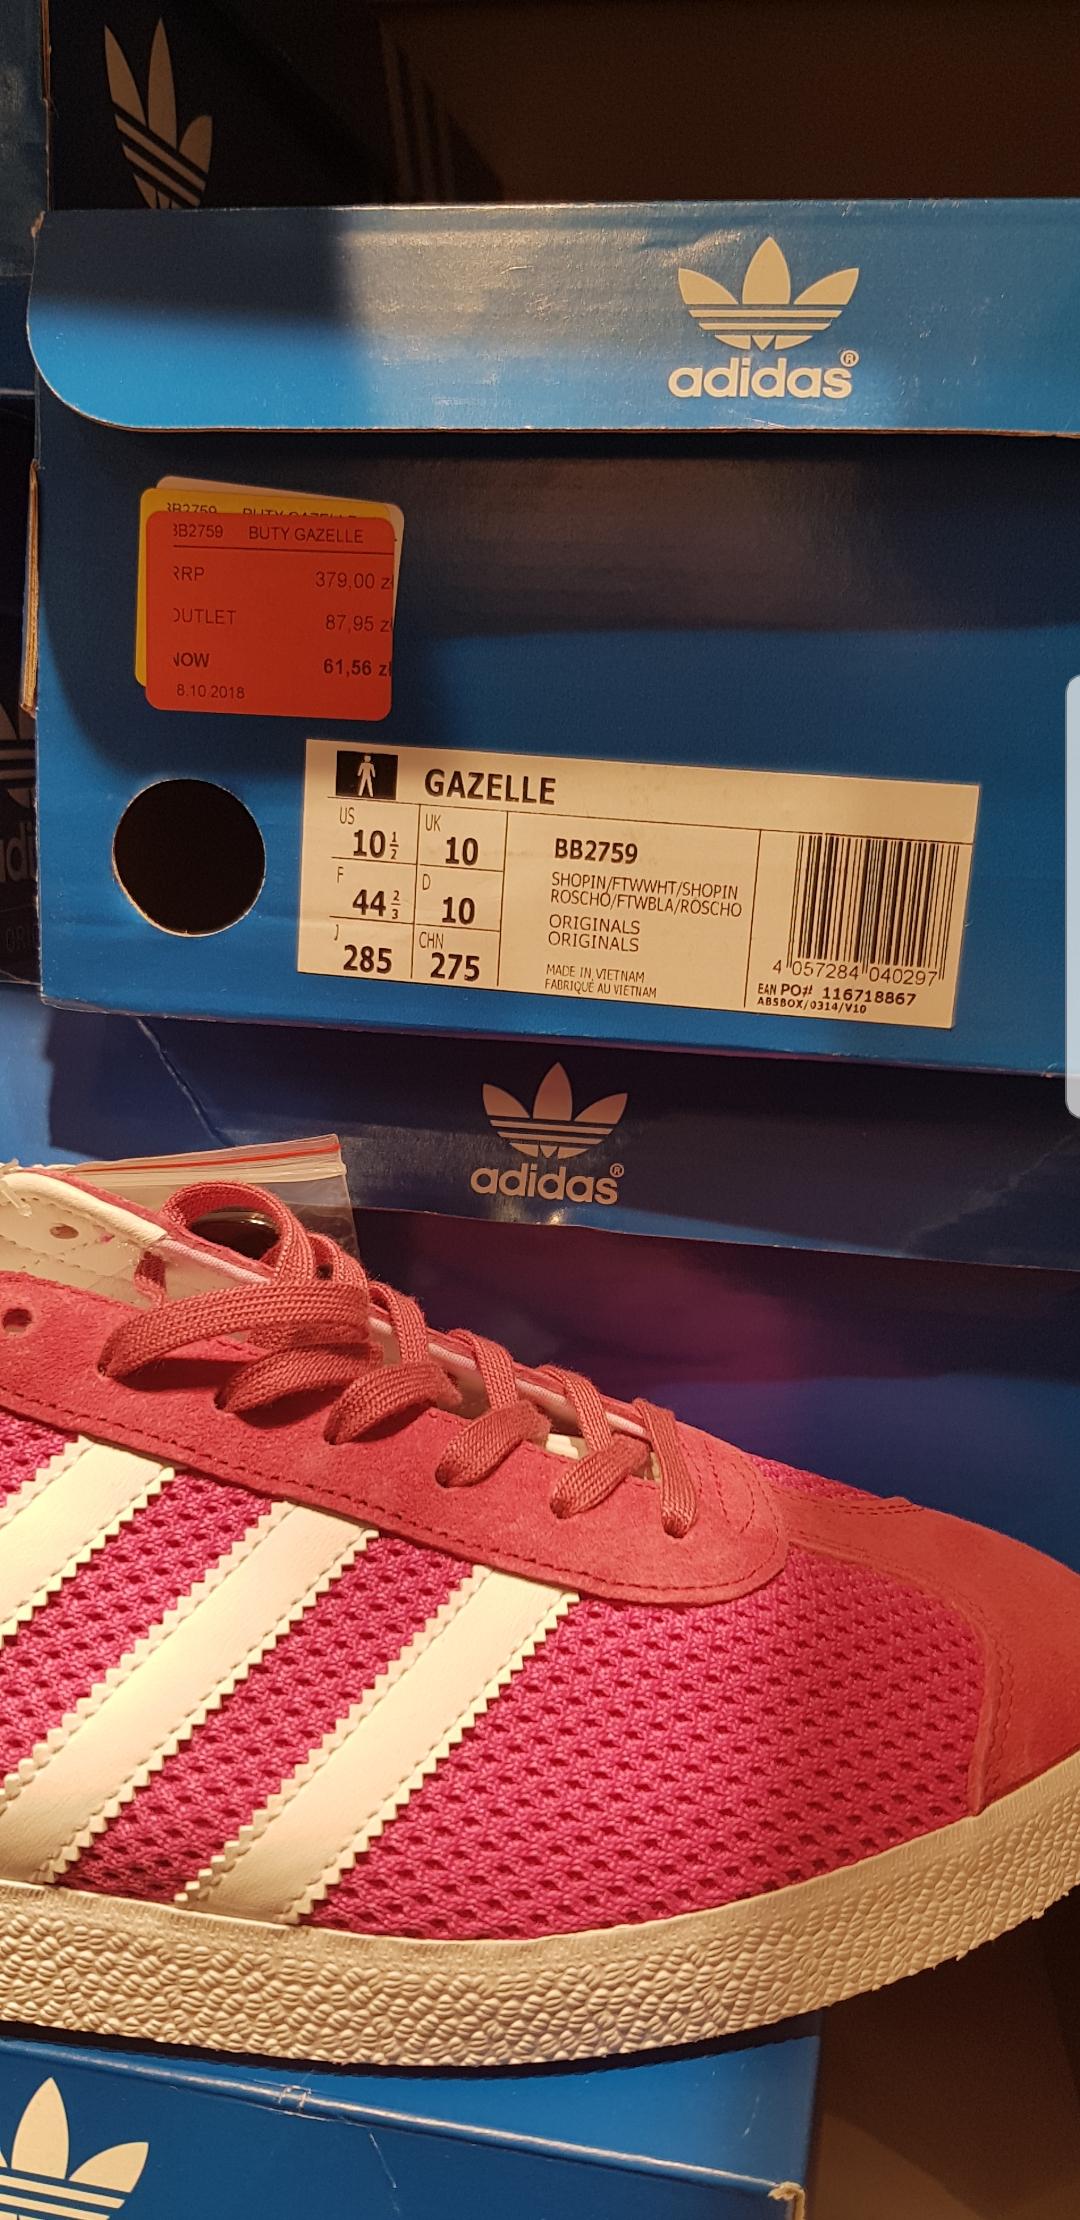 ADIDAS GAZELLE BB2759 Adidas Factory Annopol